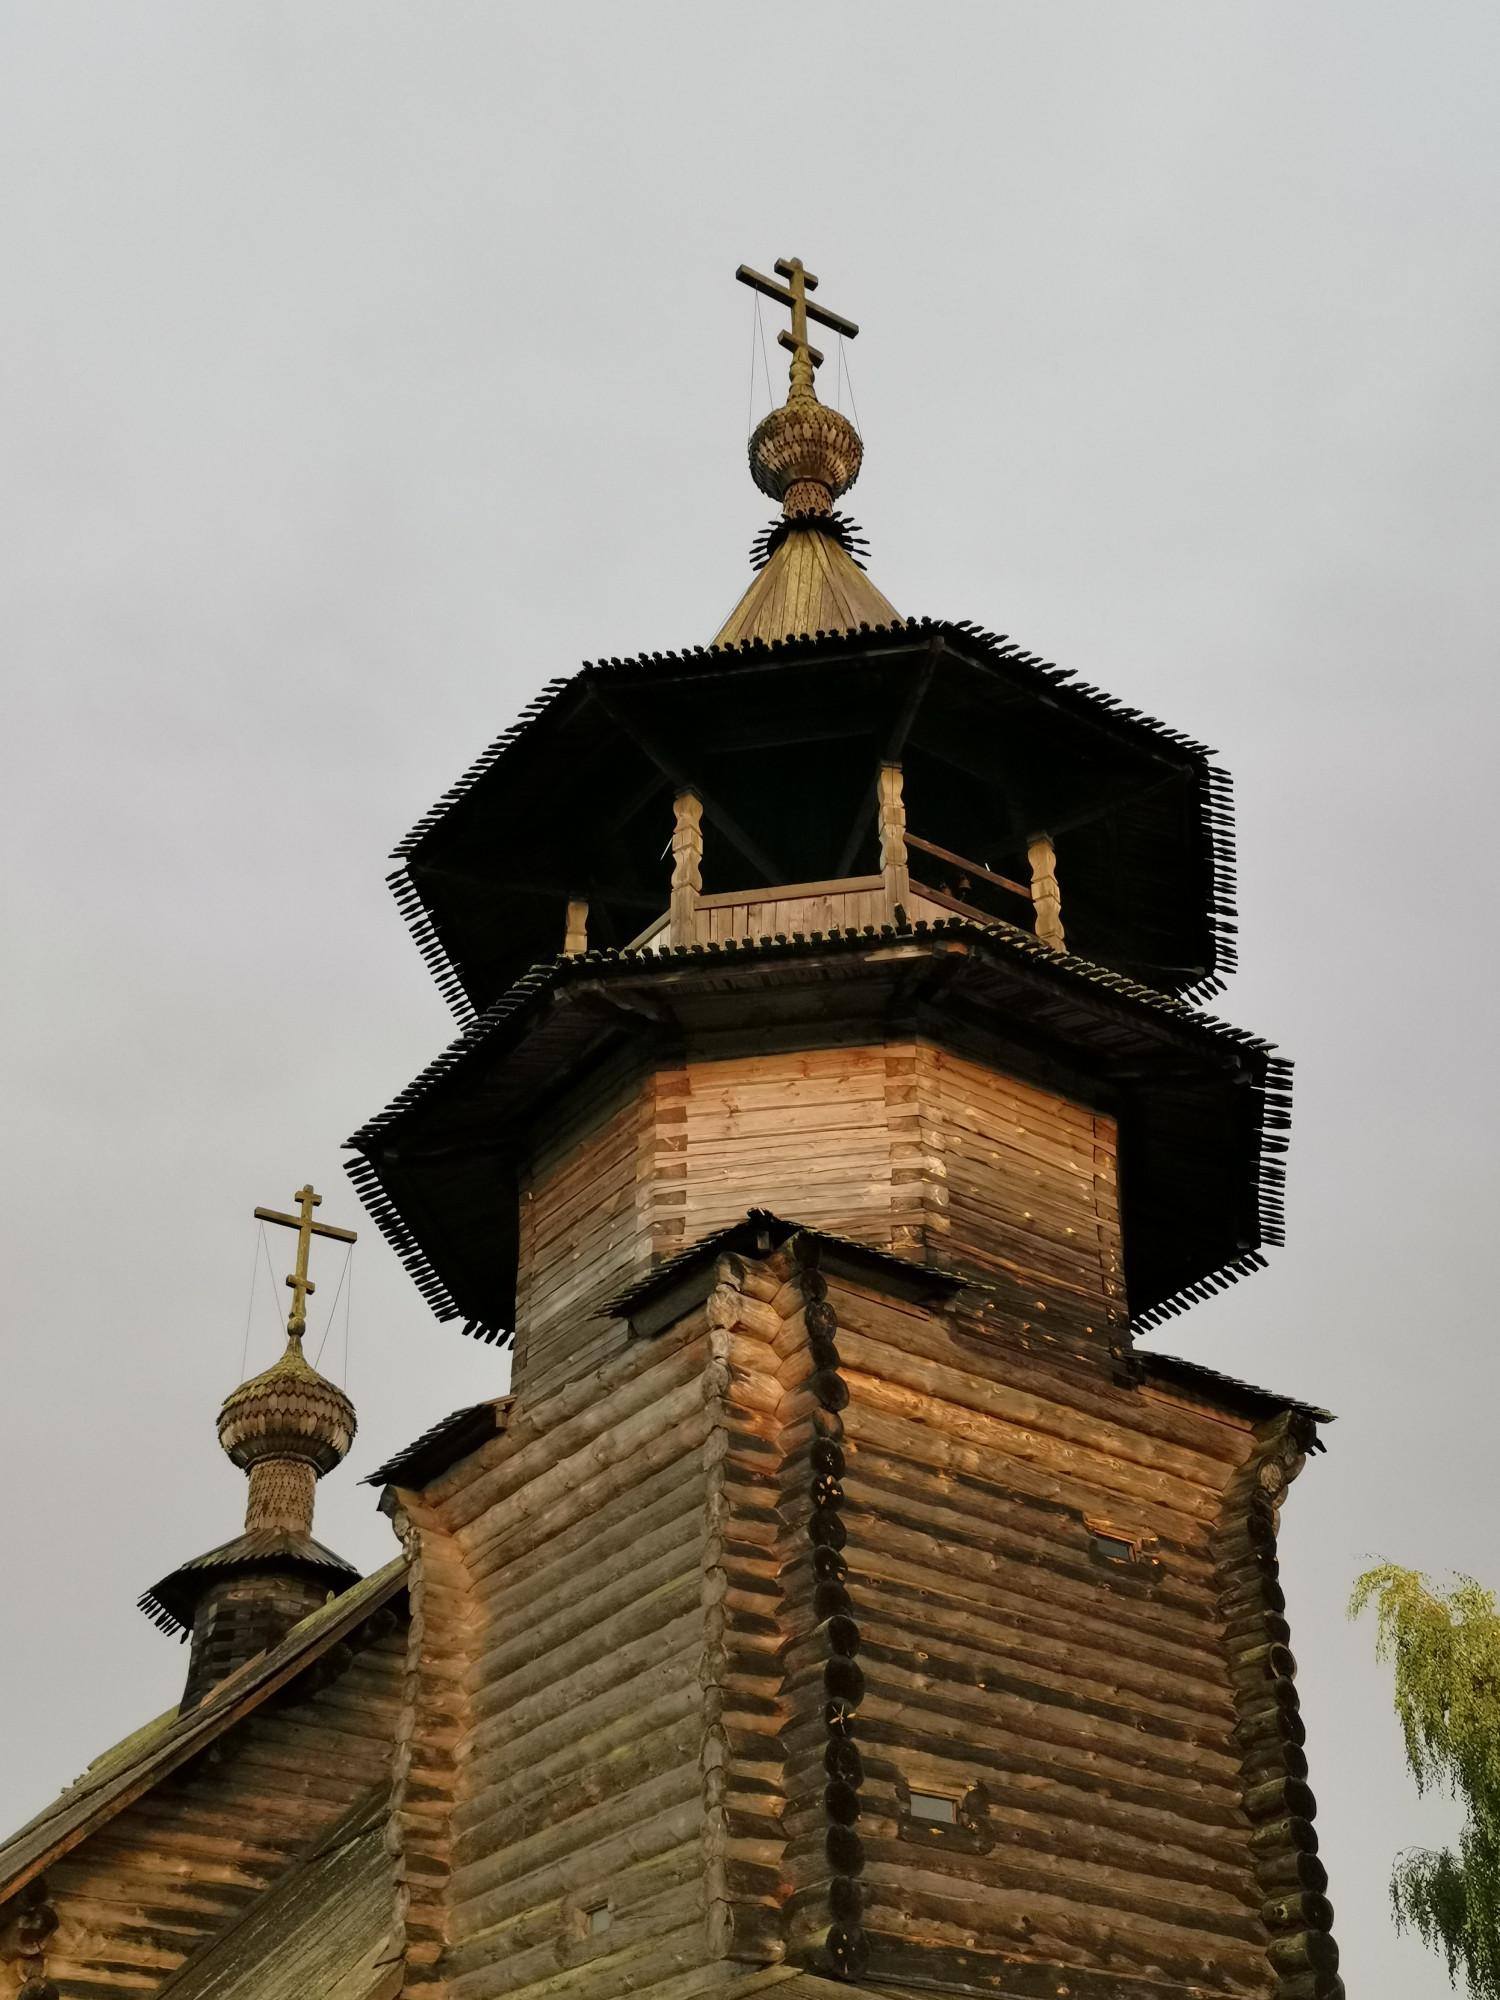 Церковь Благовещения Пресвятой Богородицы в селе Благовещенье